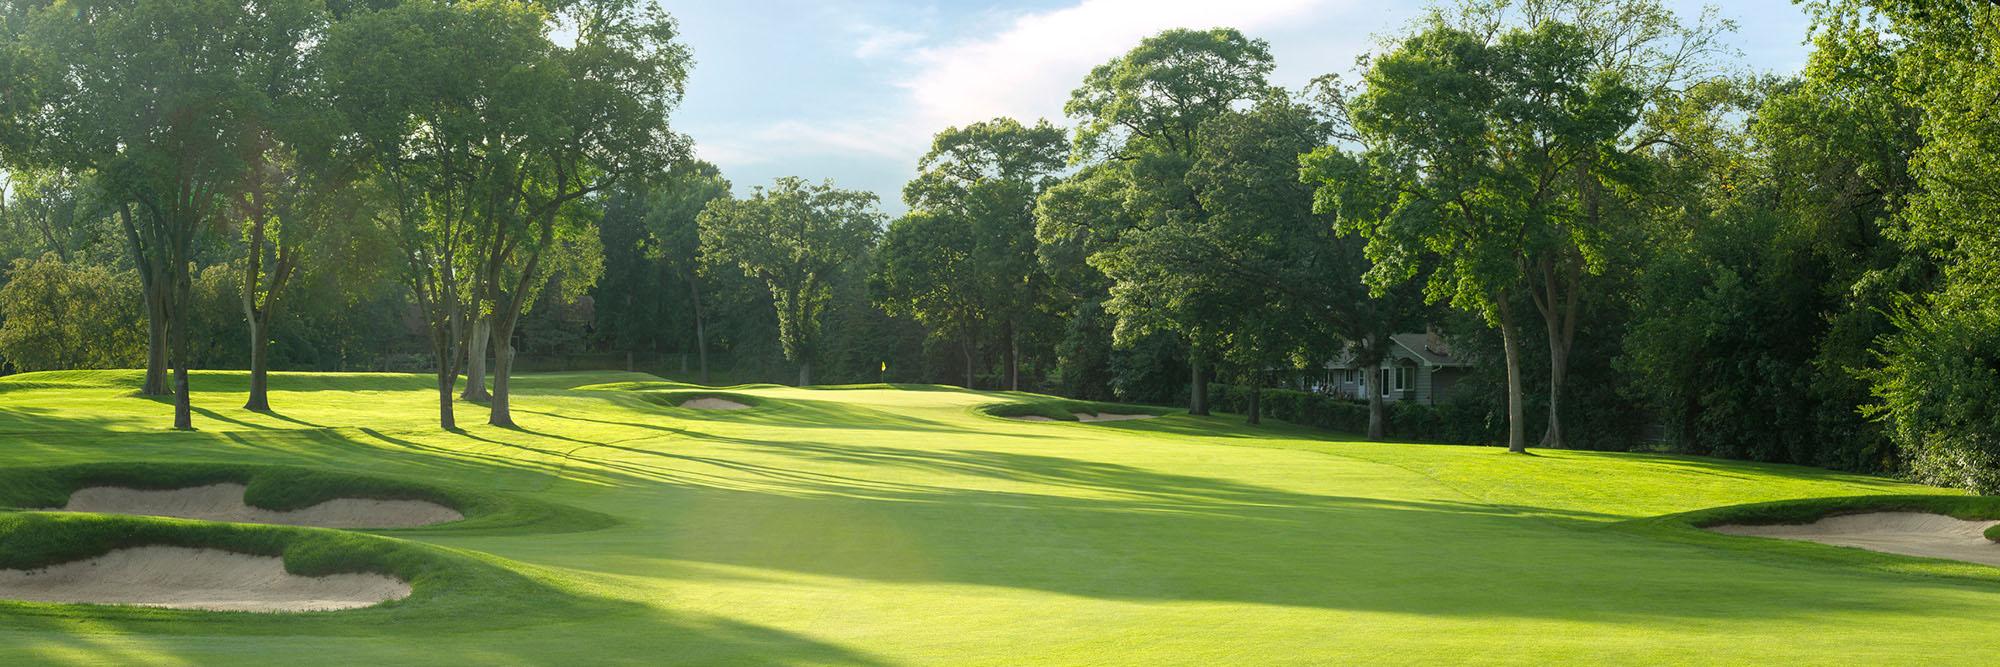 Golf Course Image - Interlachen No. 8